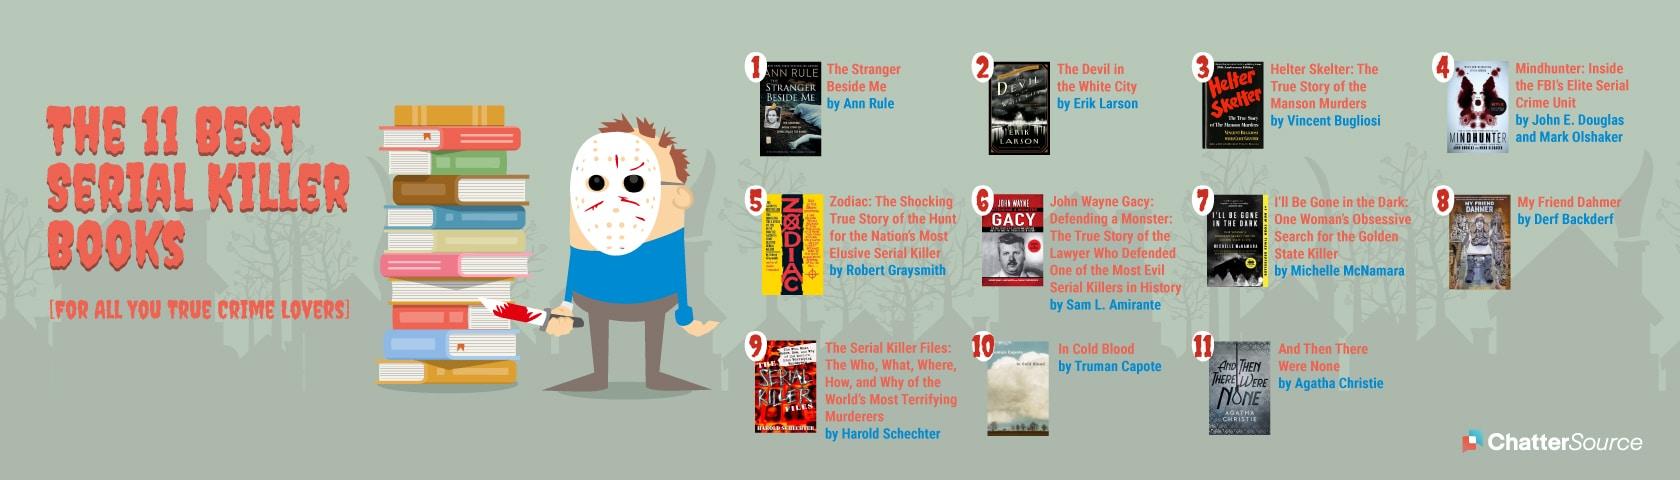 Serial Killer Books infographic